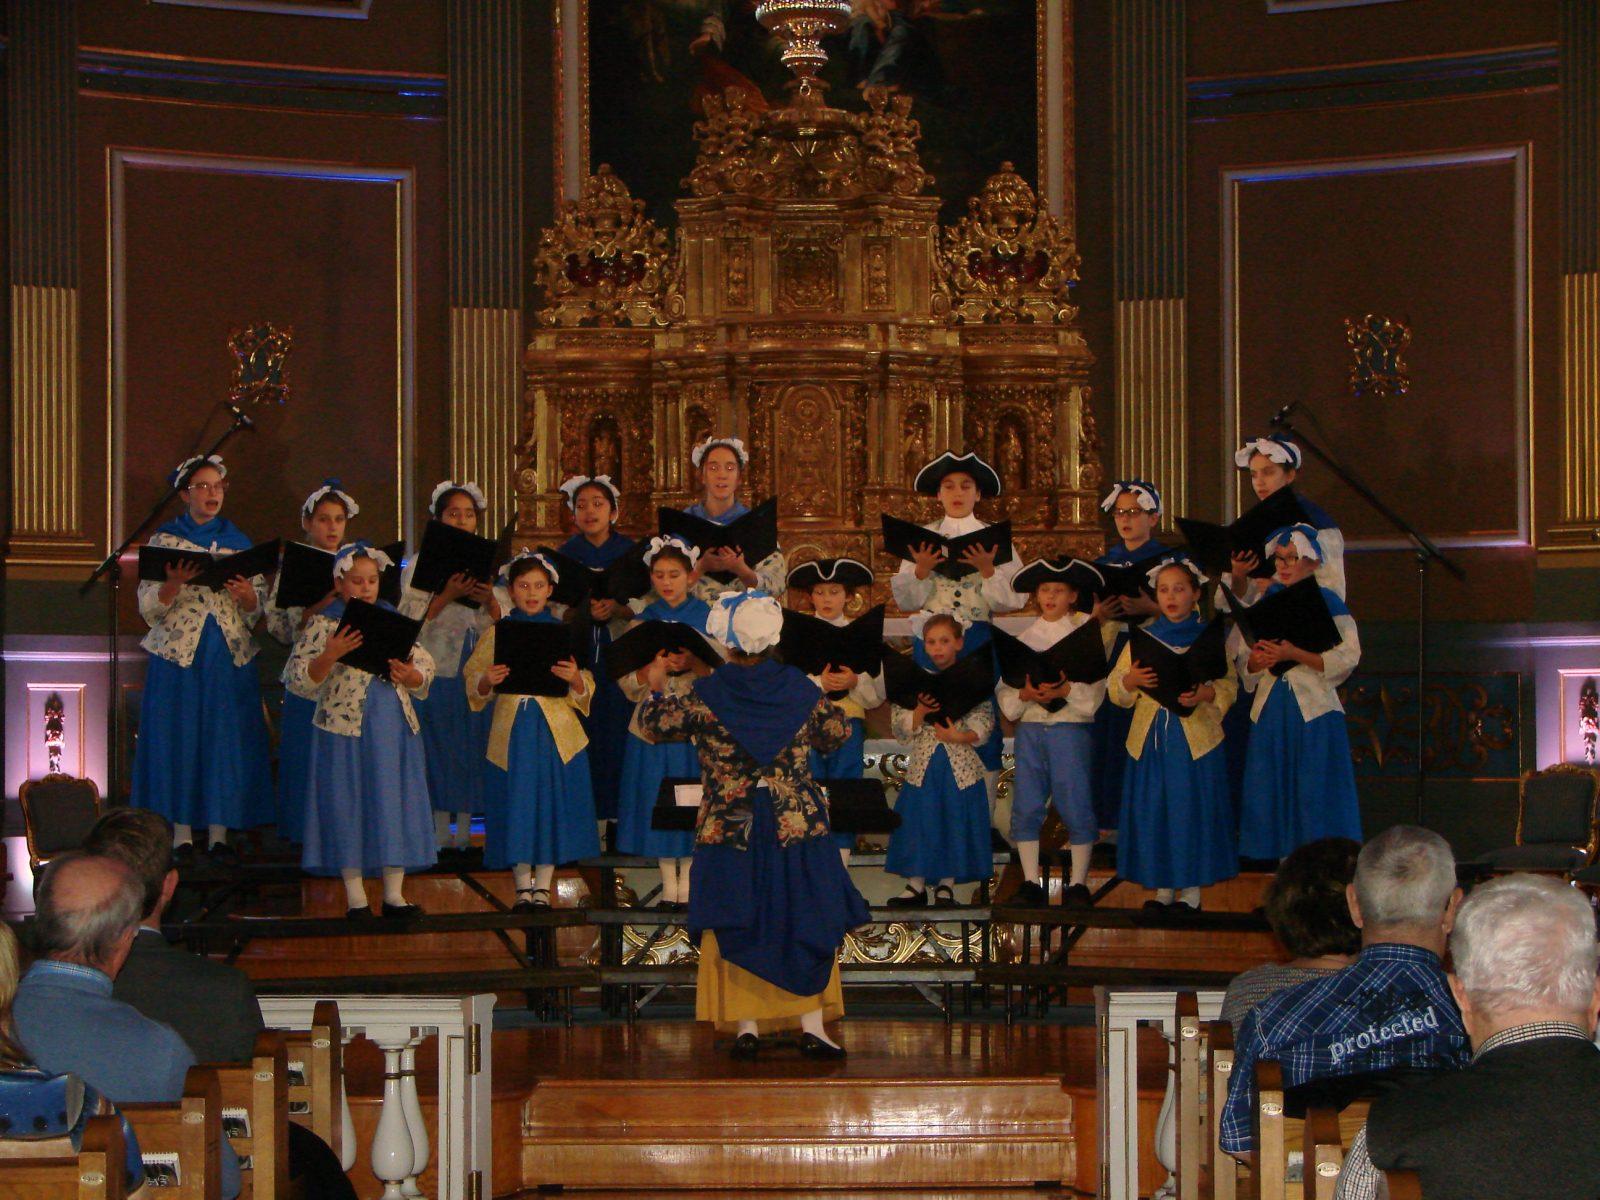 Un grand concert présenté par de Petits chanteurs